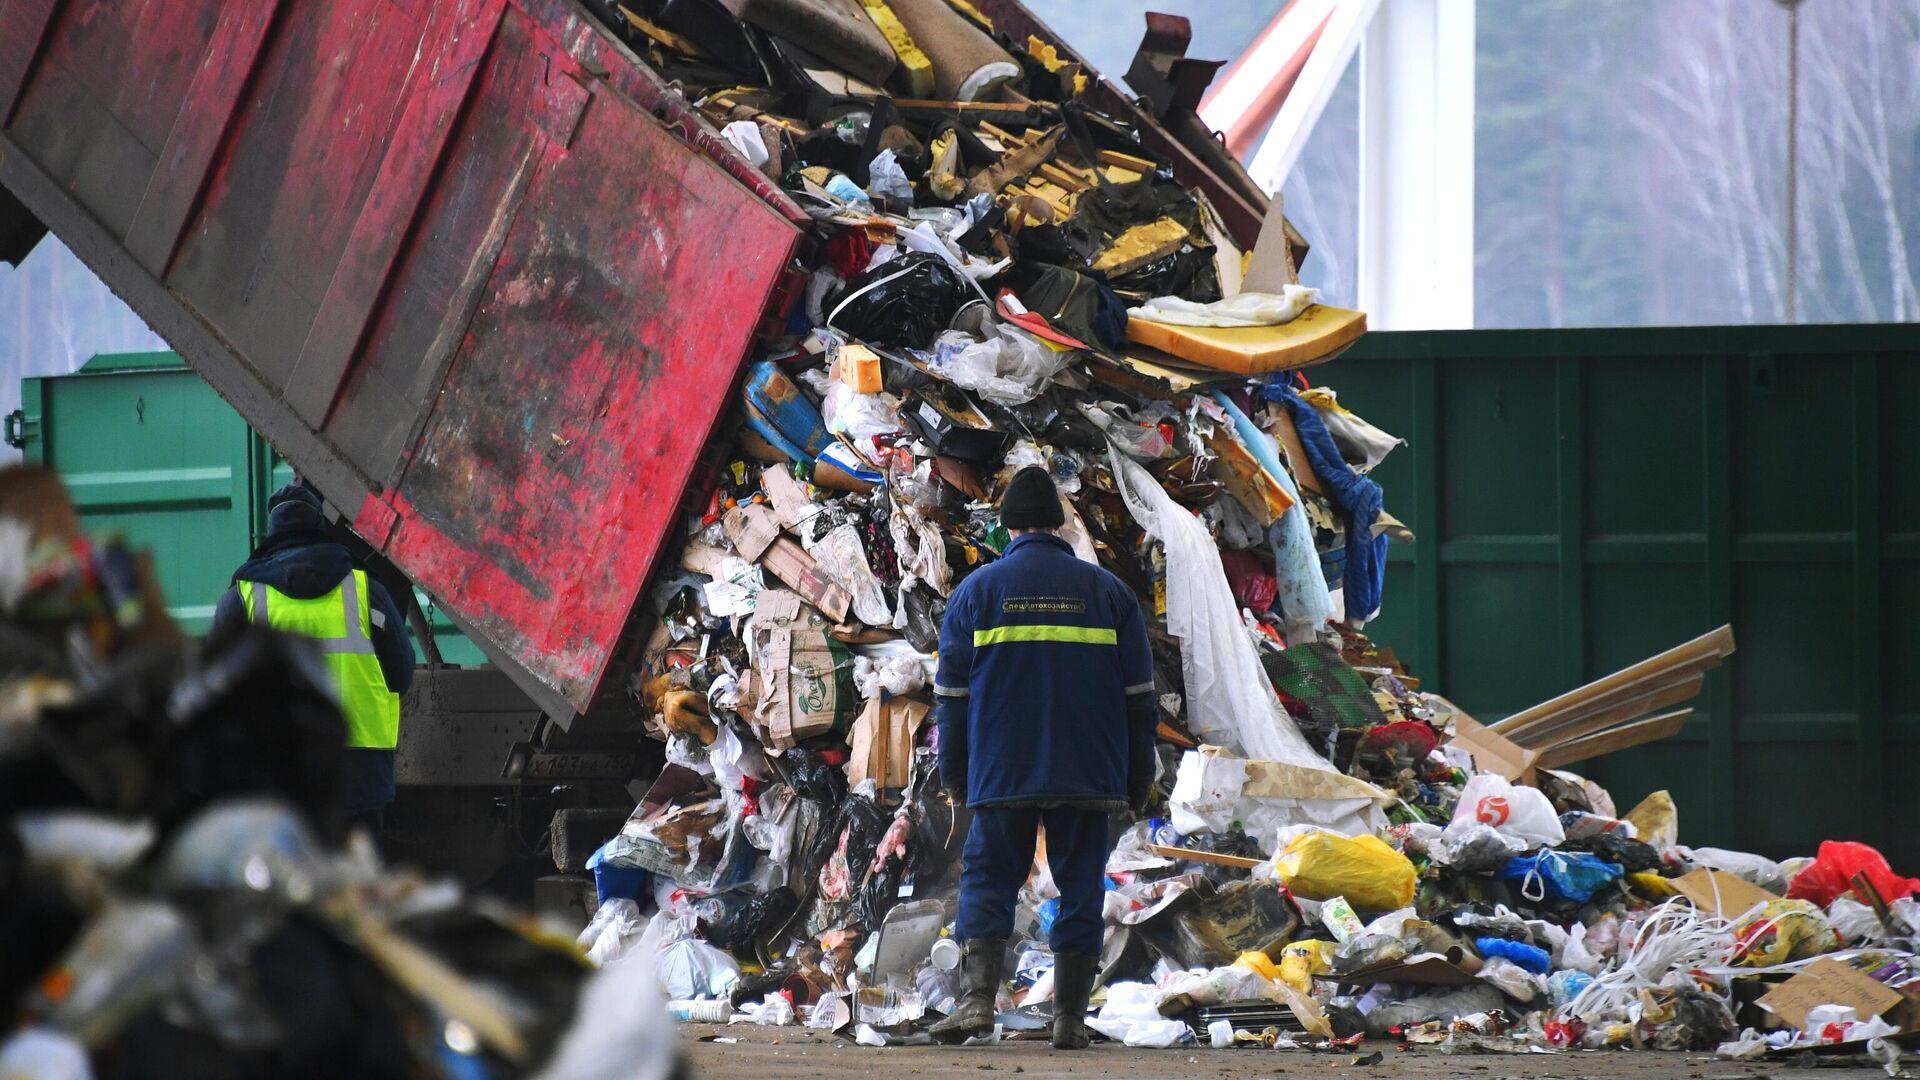 Разгрузка мусоровоза на предприятии по переработке отходов в Подмосковье - РИА Новости, 1920, 29.09.2020